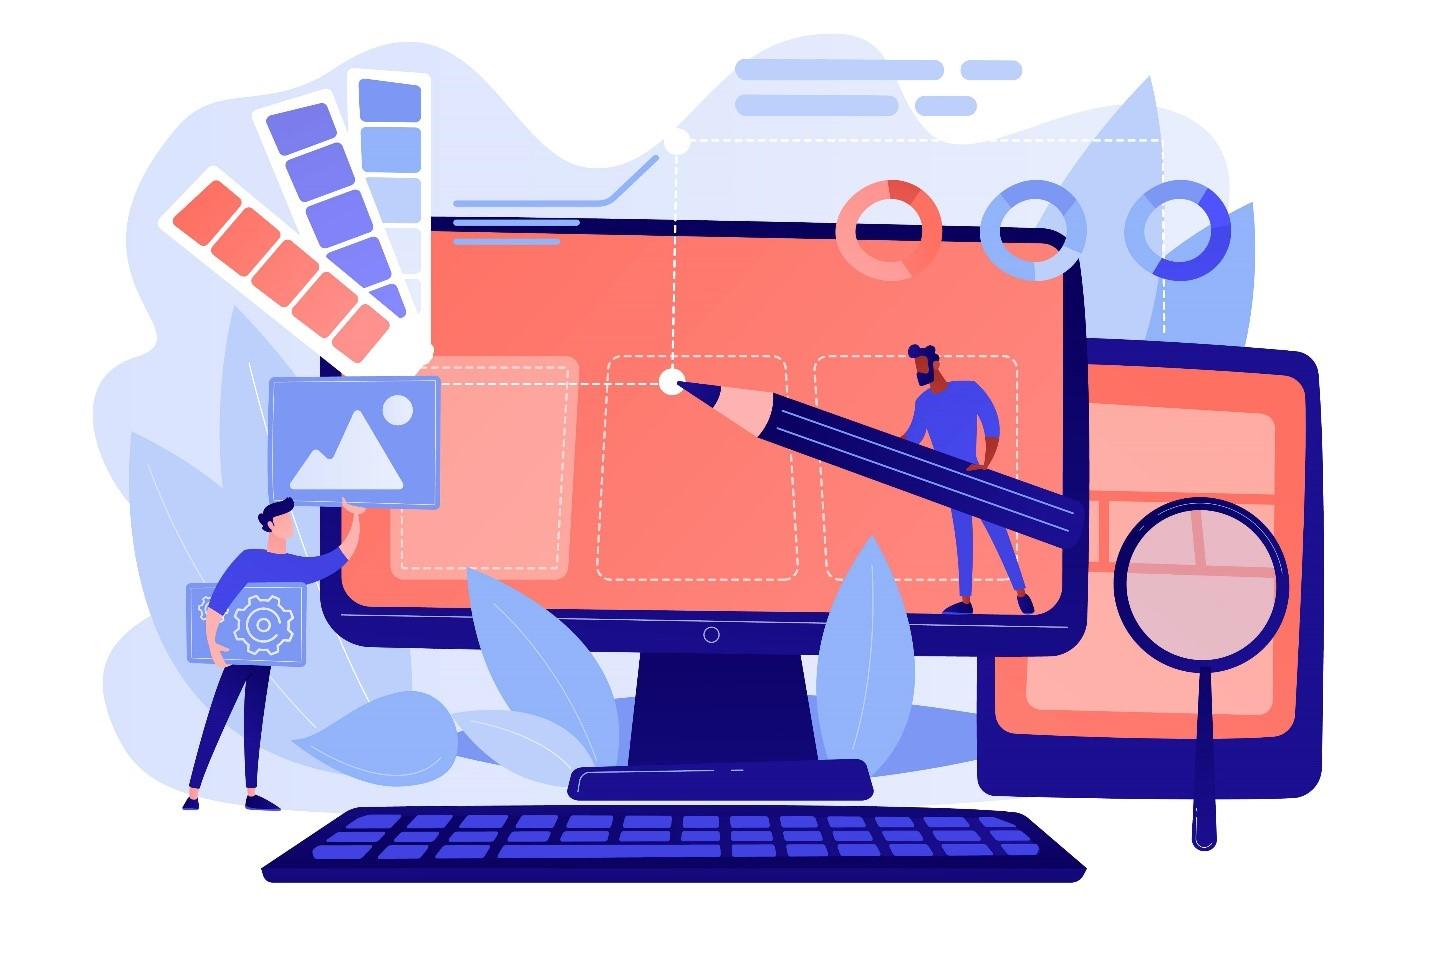 آموزش طراحی سایت دیجی کالا